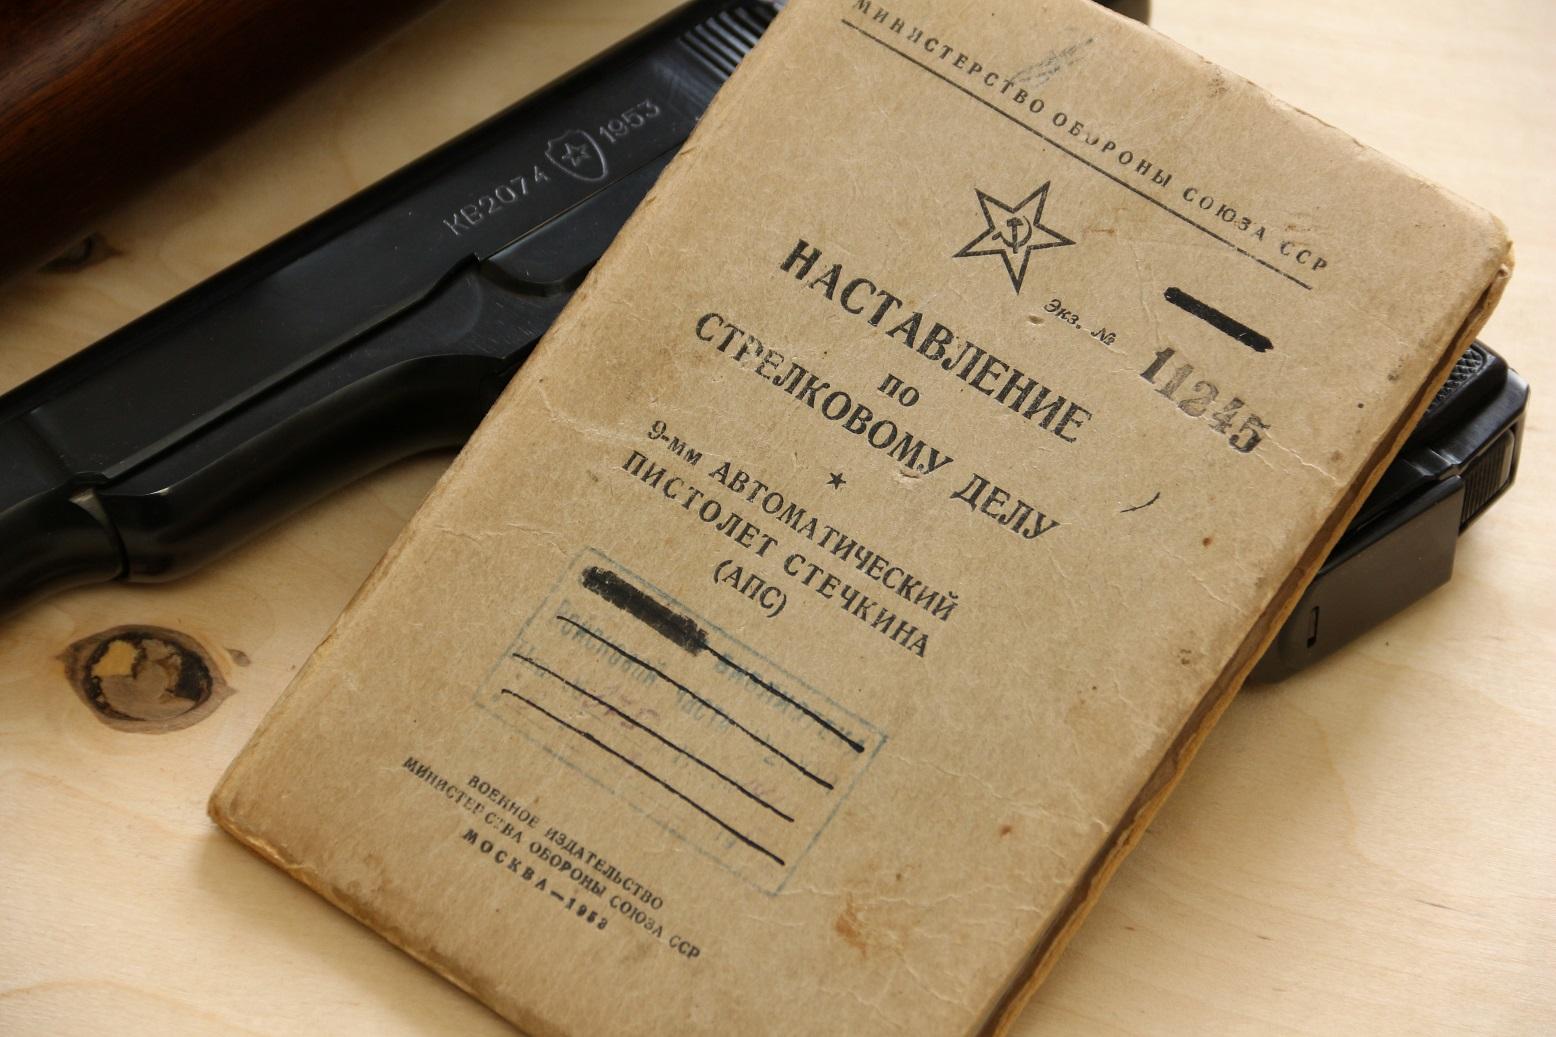 Наставление НСД к пистолету АПС, 1953 год